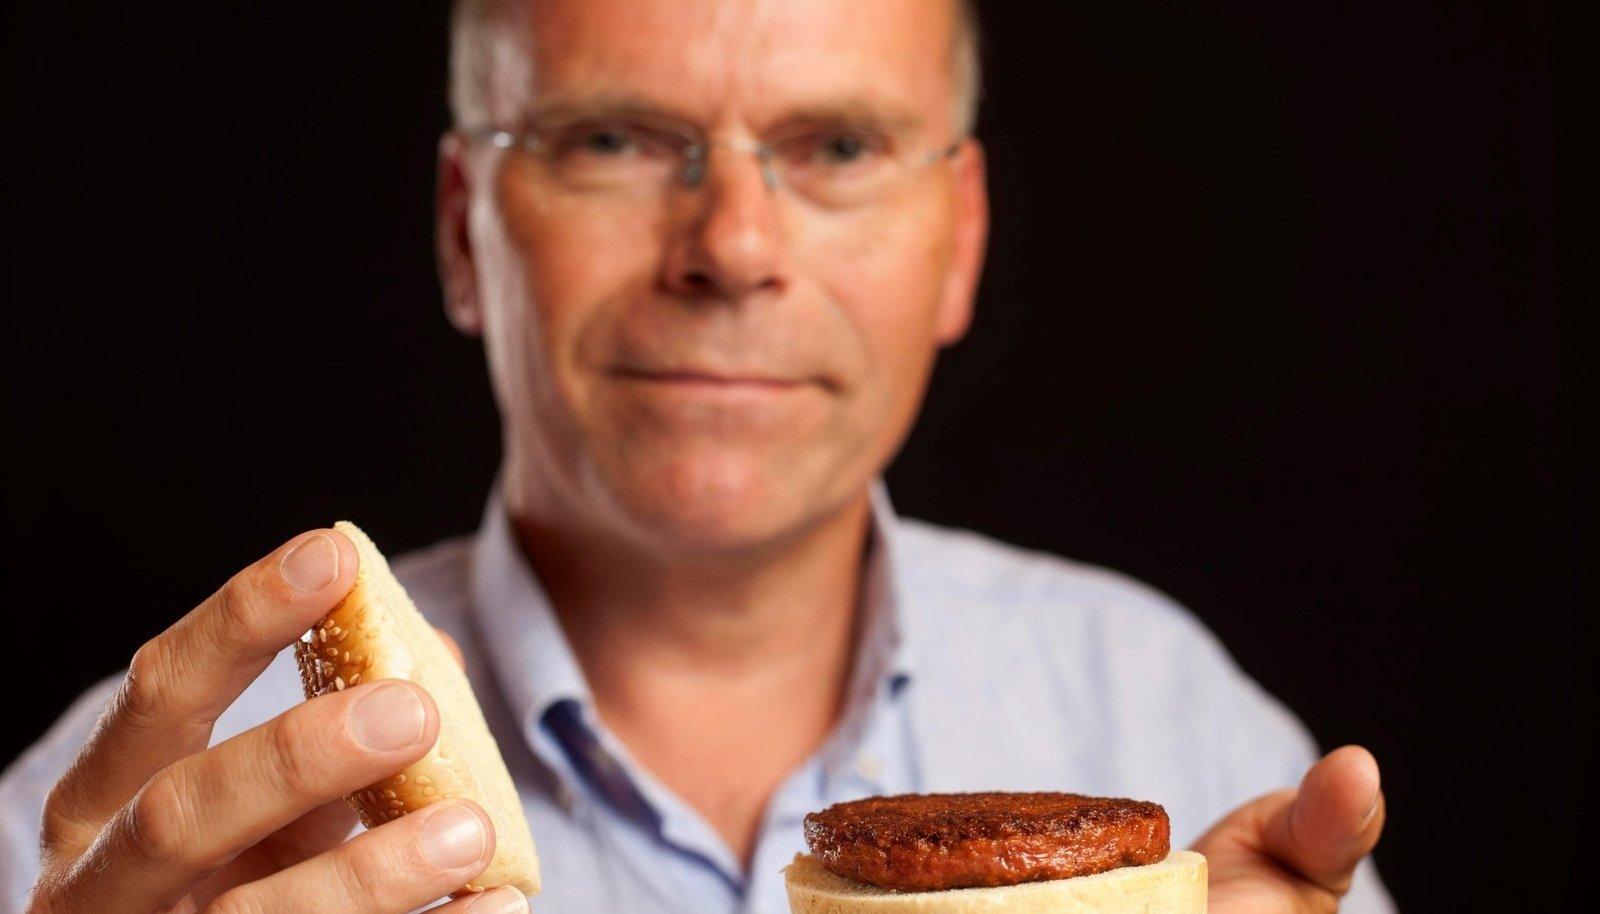 Professor Mark Post ja tema esimene 2013. aastal loodud burgeripihv